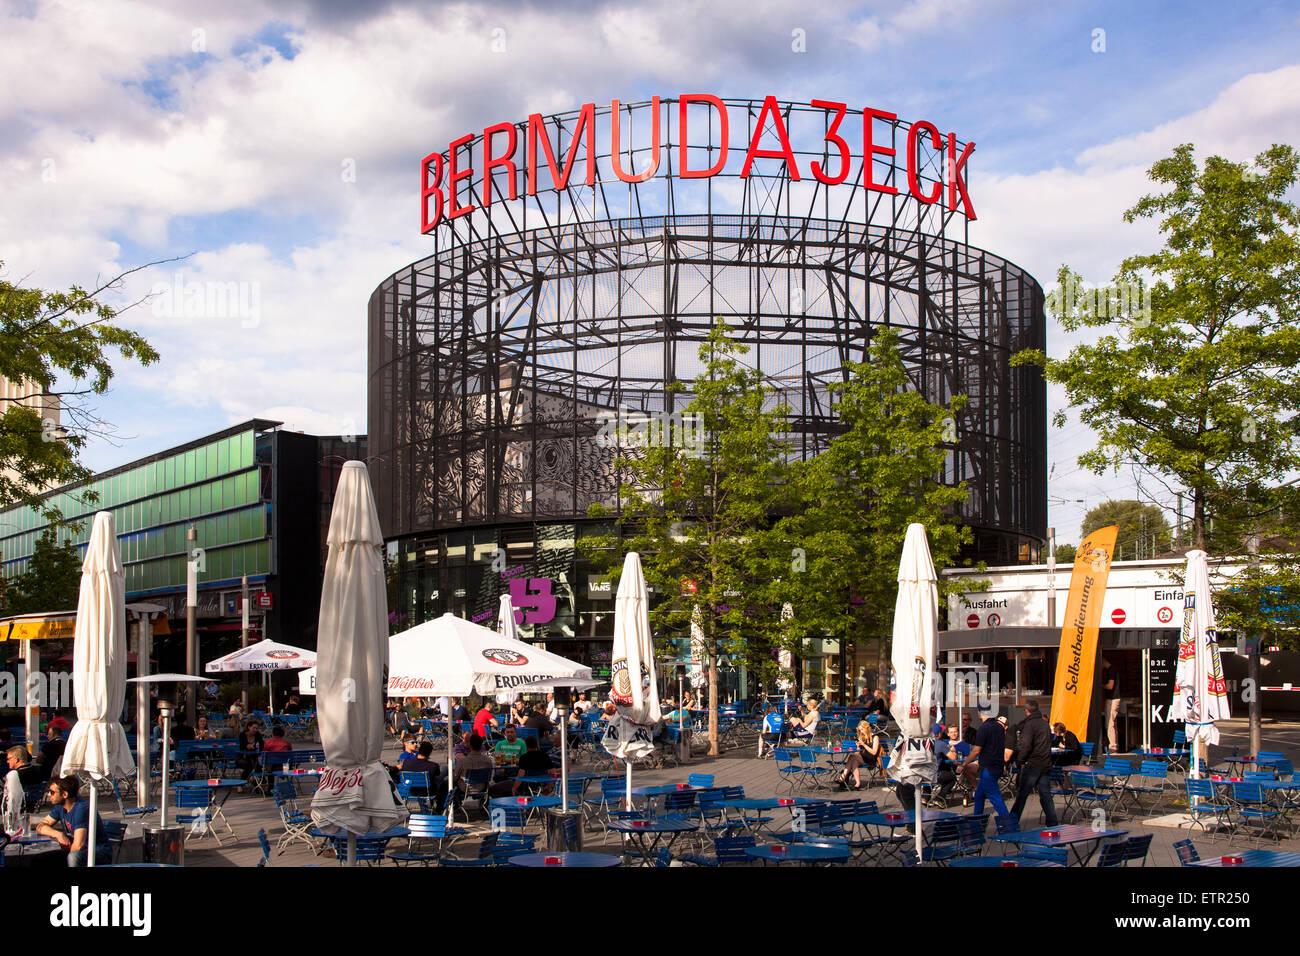 Europa, Deutschland, Nordrhein-Westfalen, Ruhrgebiet, Bochum, Szeneviertel Bermudadreieck, Kortumstrasse, Ausgehviertel - Stock Image